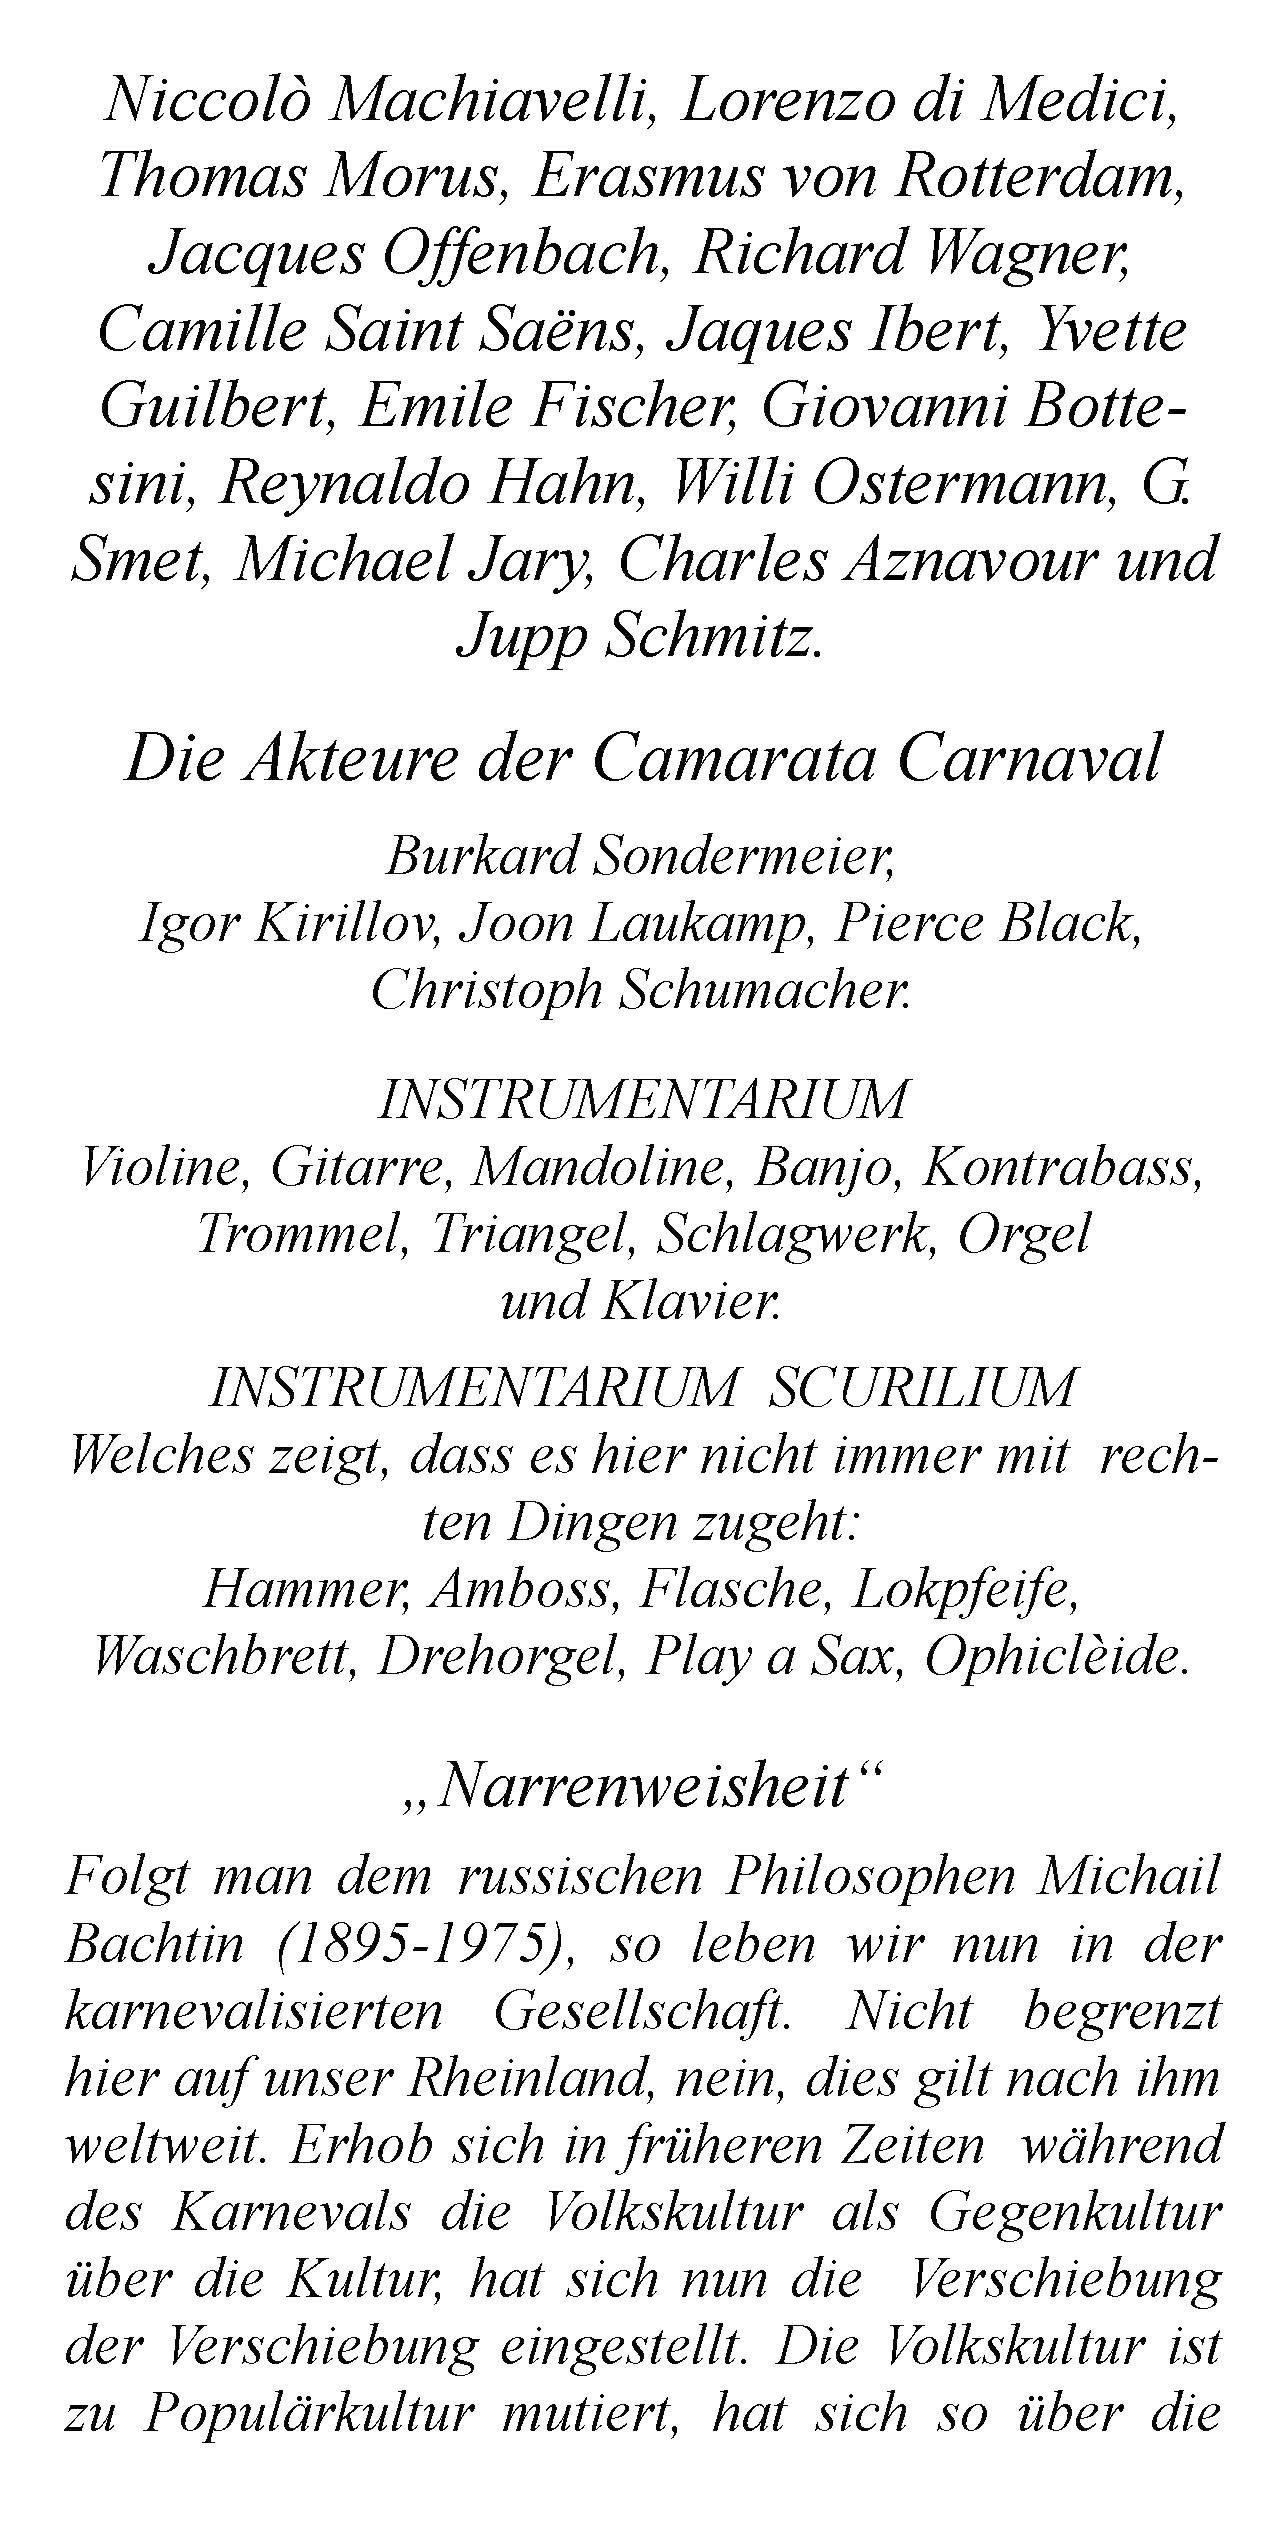 http://kunsthaus-seelscheid.de/neckarganga